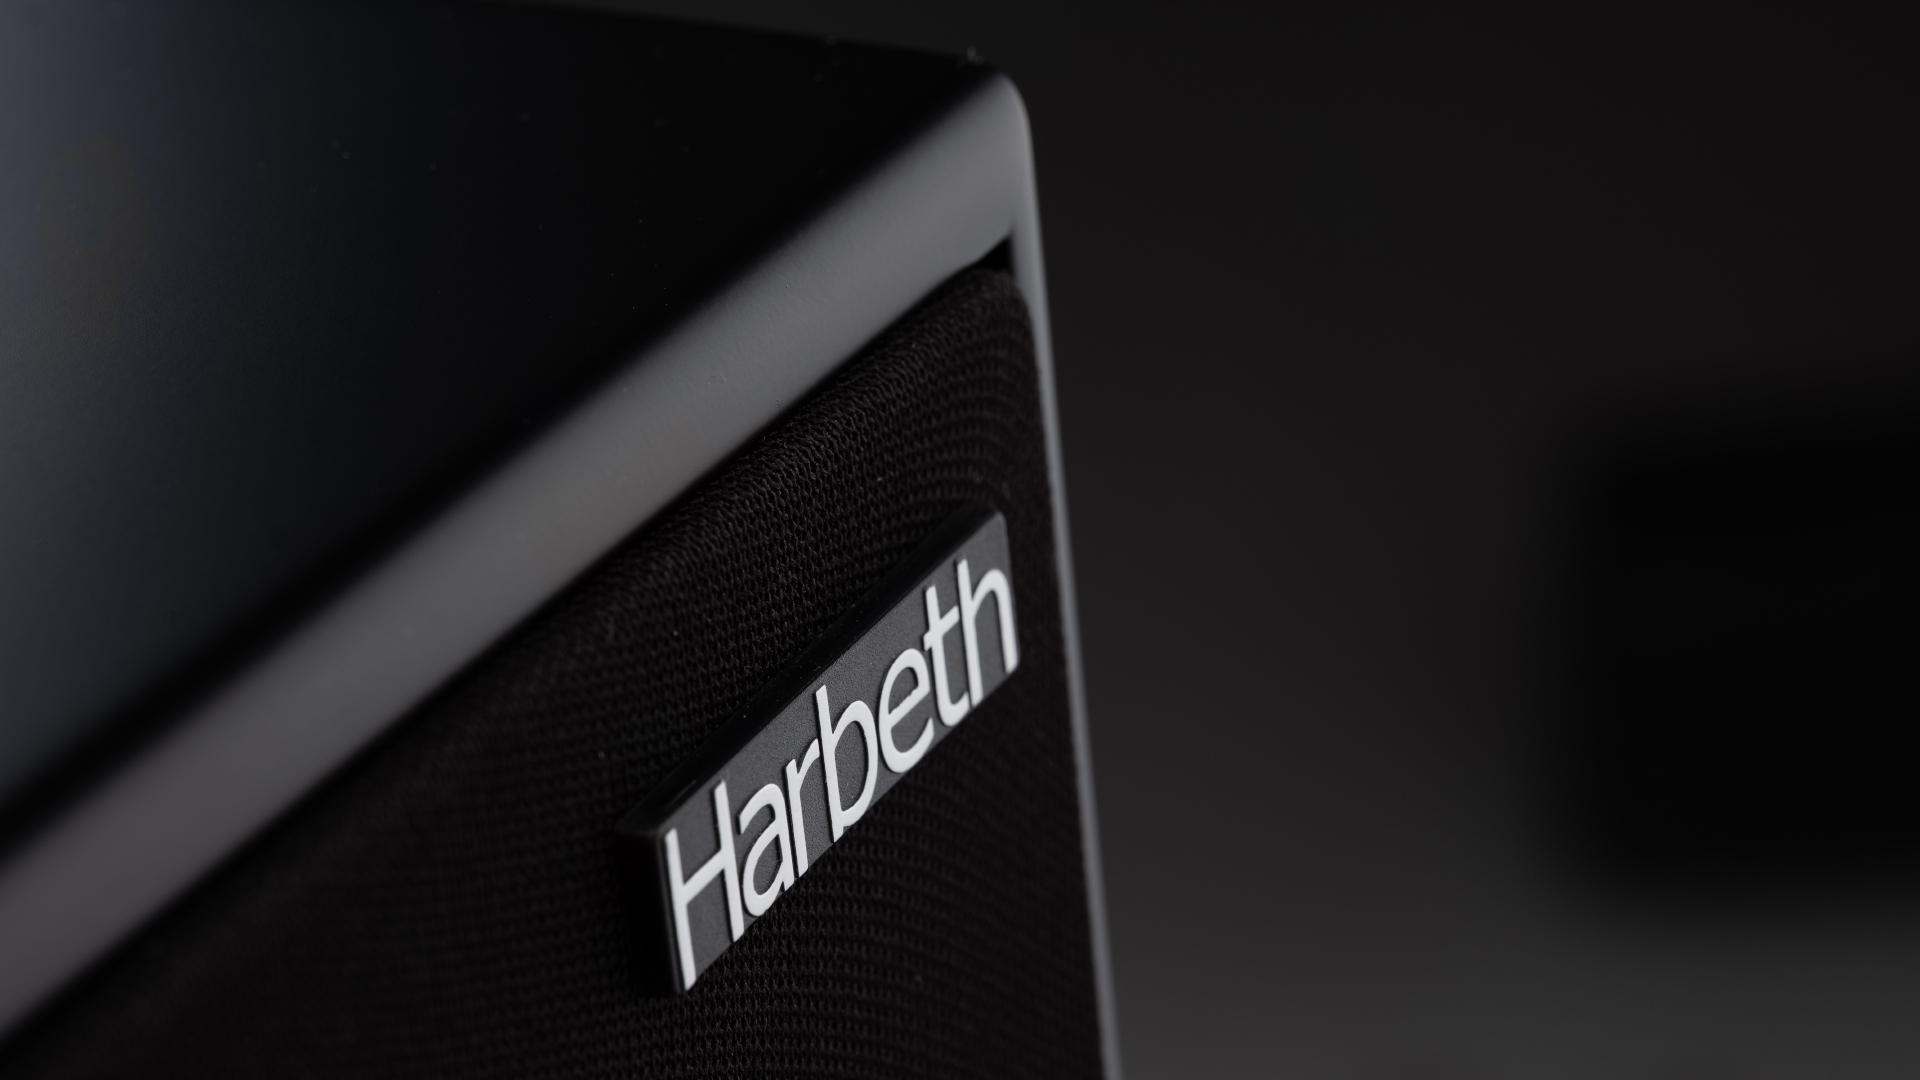 Harbeth Serie XD